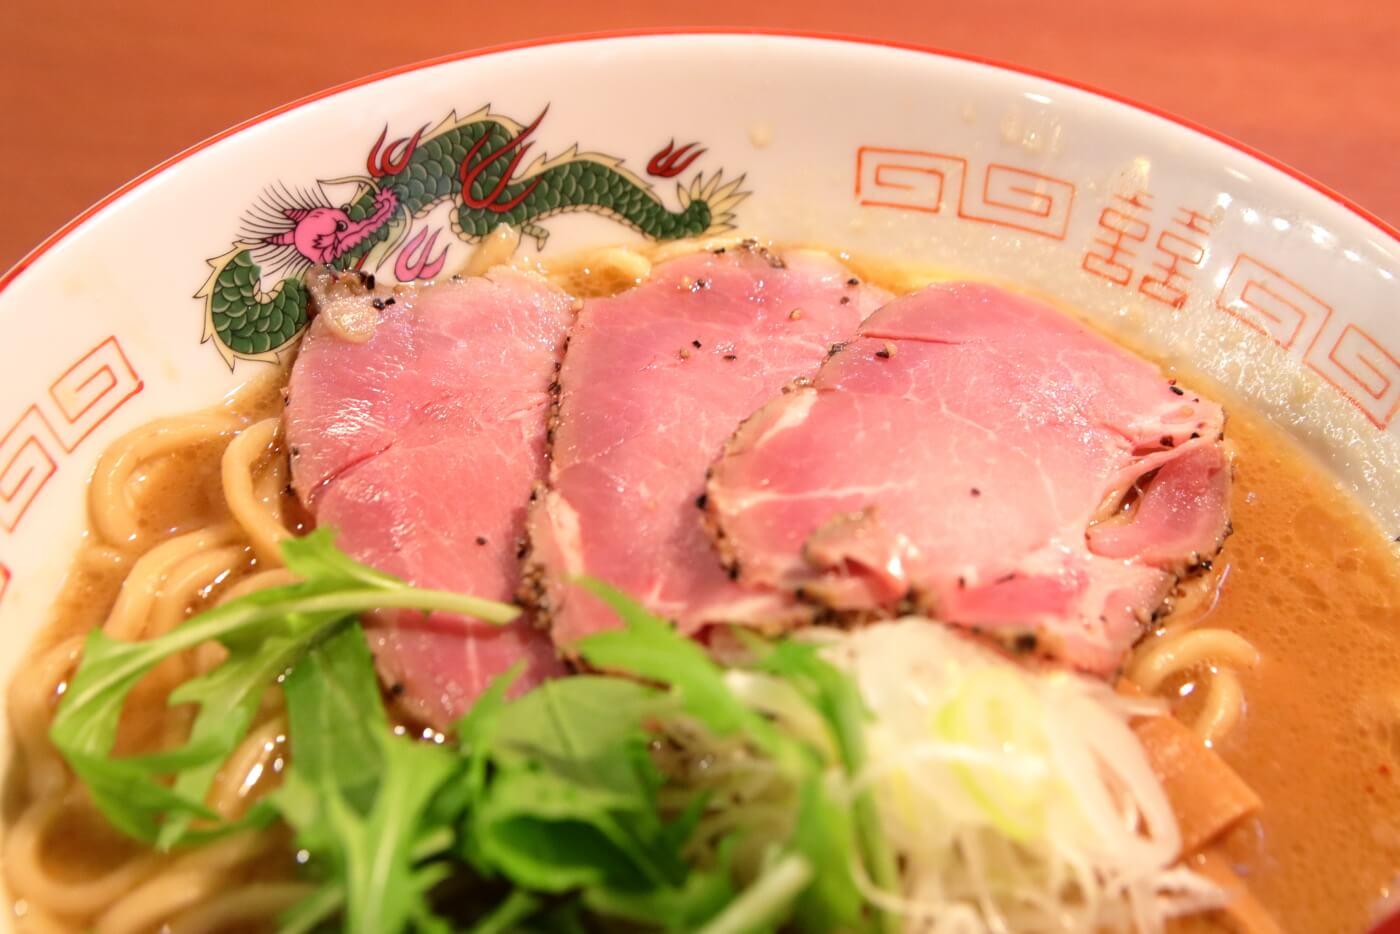 製麺処蔵木南国店 特製濃厚魚介豚骨ラーメン太麺のチャーシュー